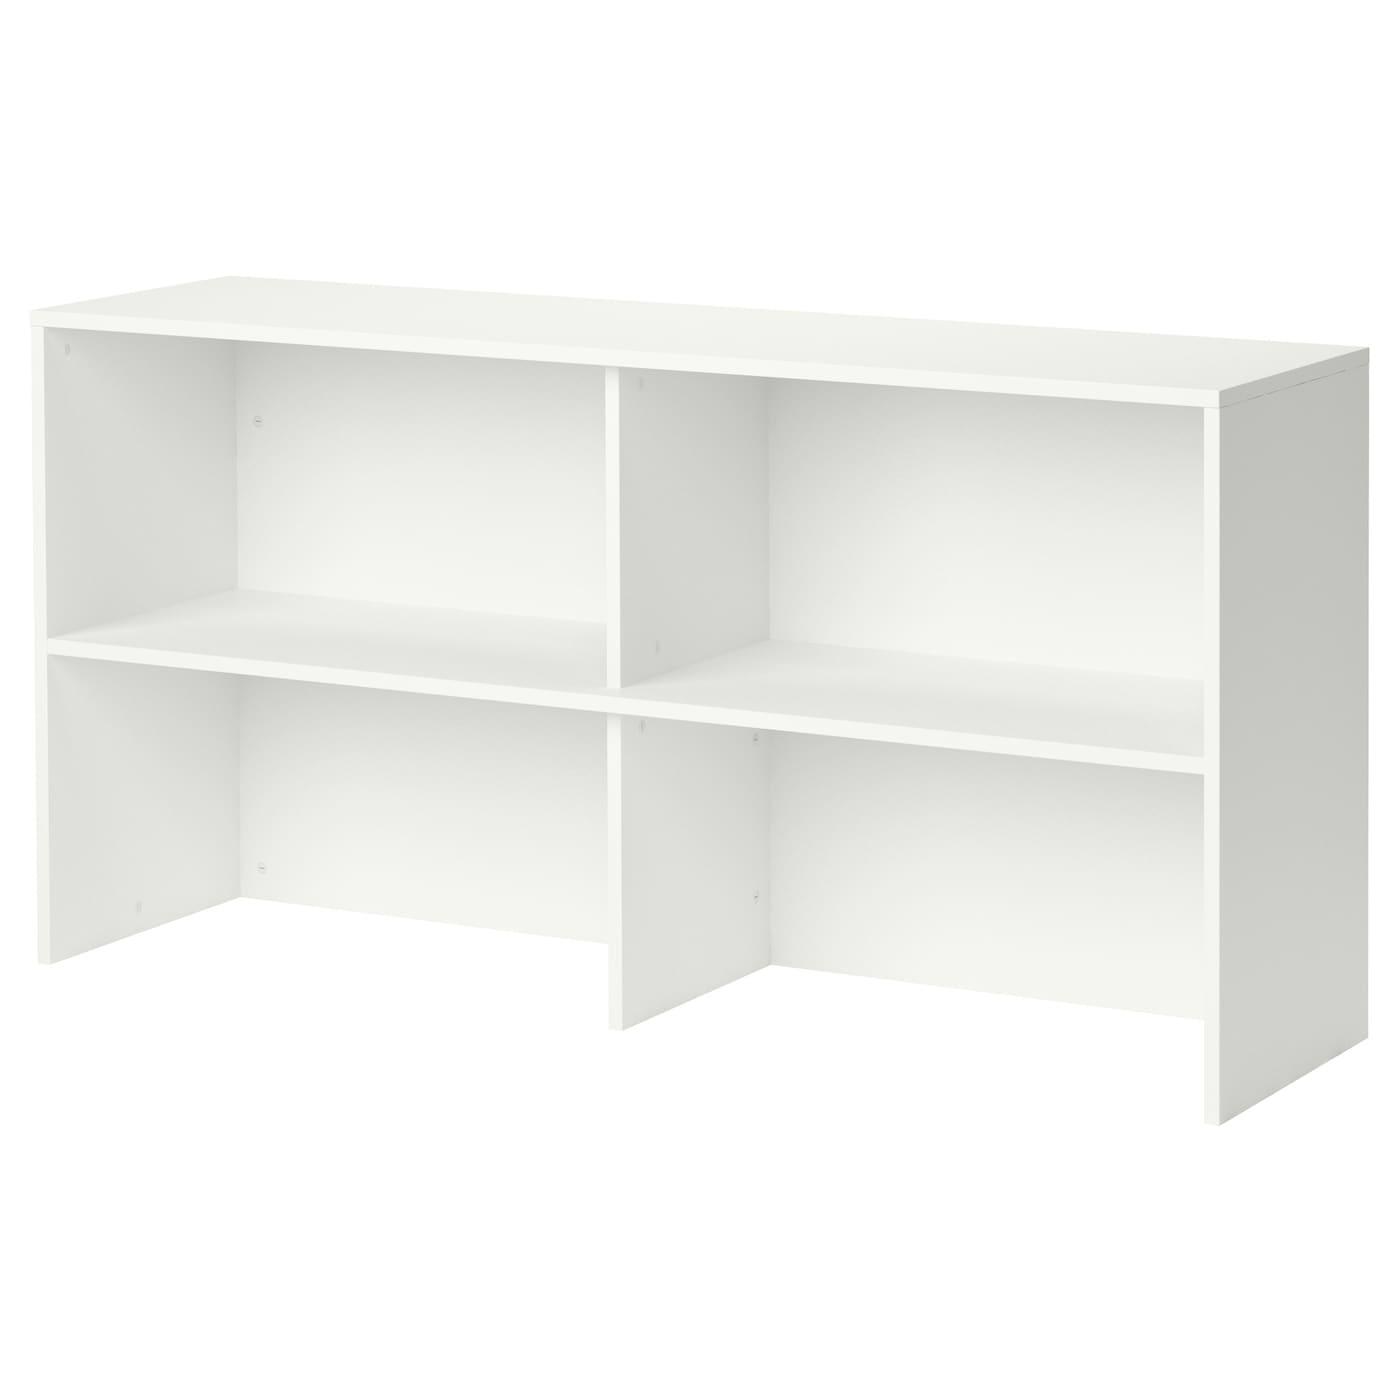 armarios archivadores muebles de oficina y despacho compra online ikea. Black Bedroom Furniture Sets. Home Design Ideas